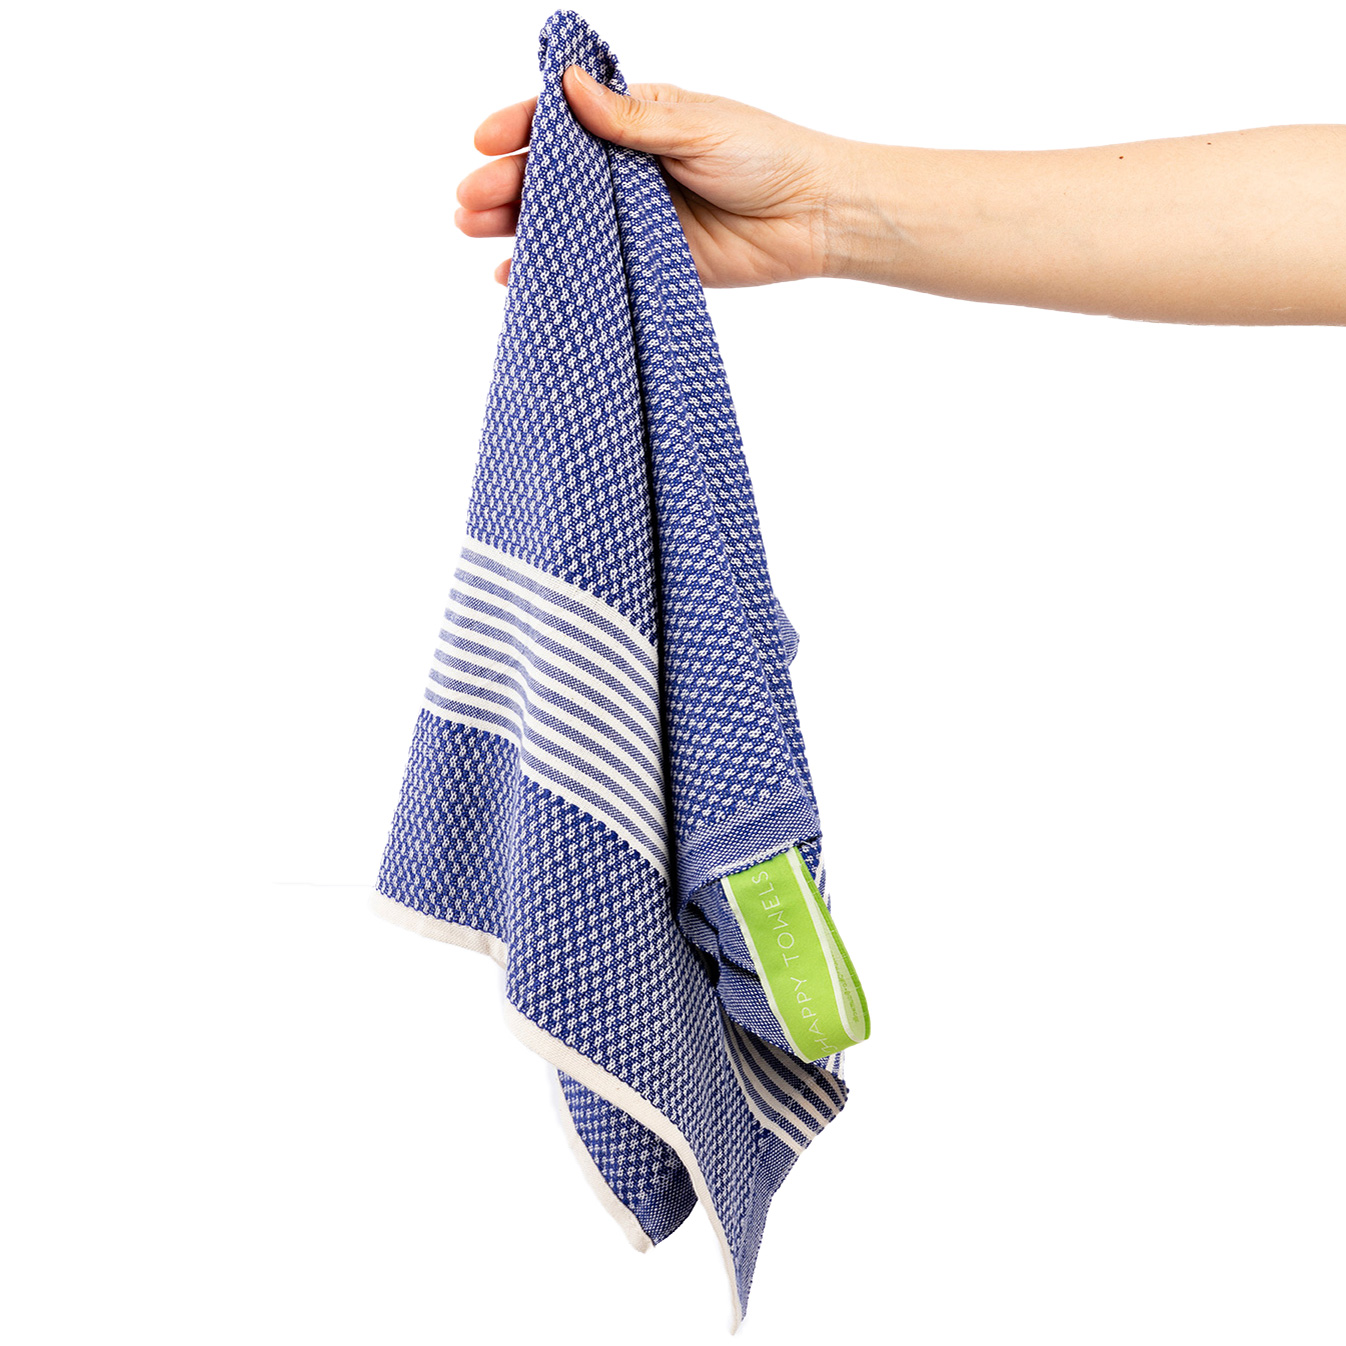 keukenhanddoek-donkerblauw-met-hand